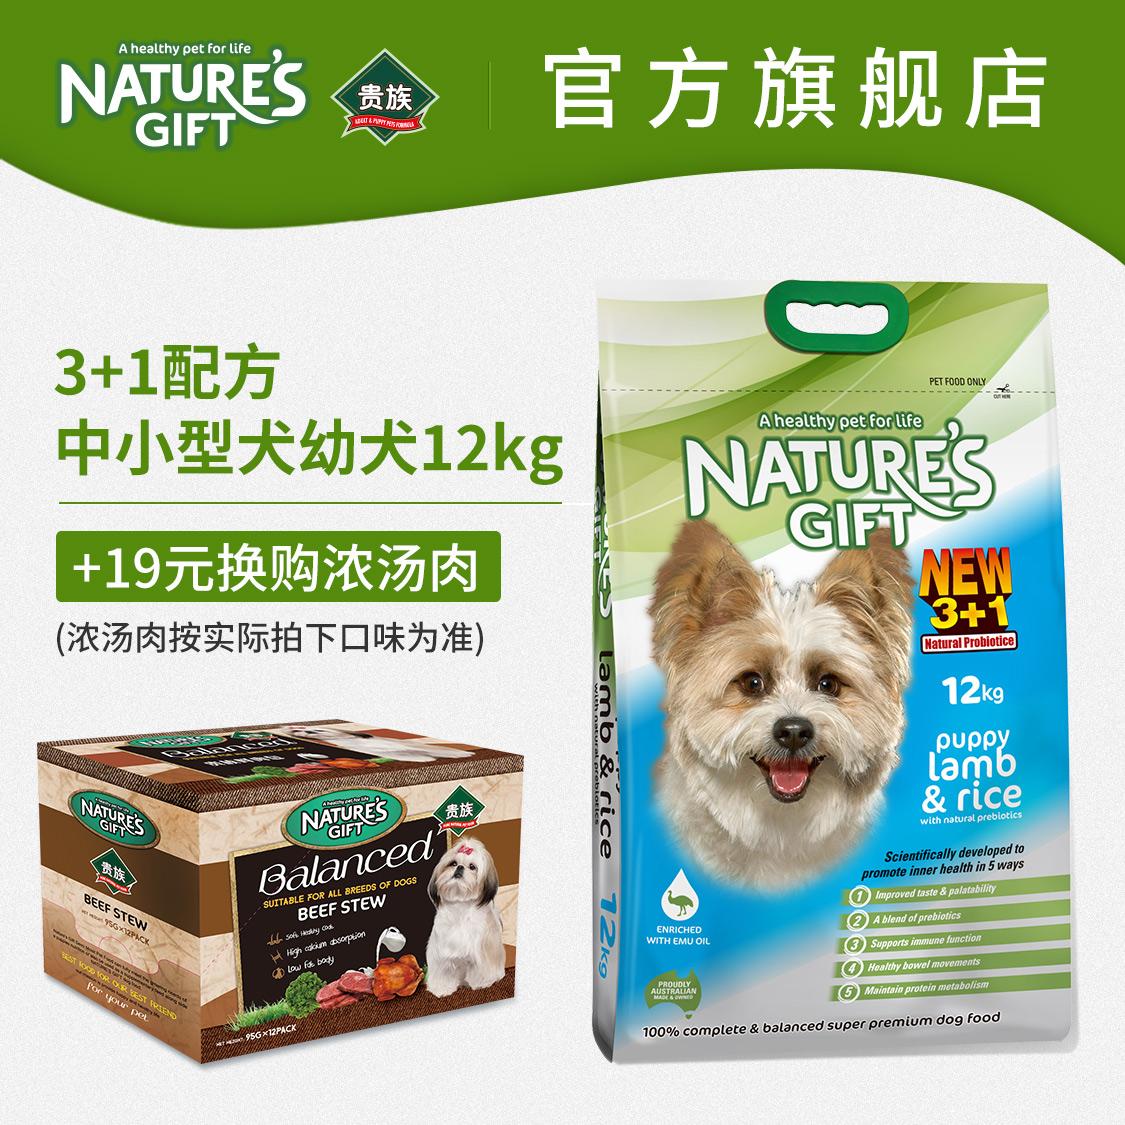 澳洲配方贵族 泰迪比熊柯基中小型犬12kg3+1天然幼犬 通用型狗粮